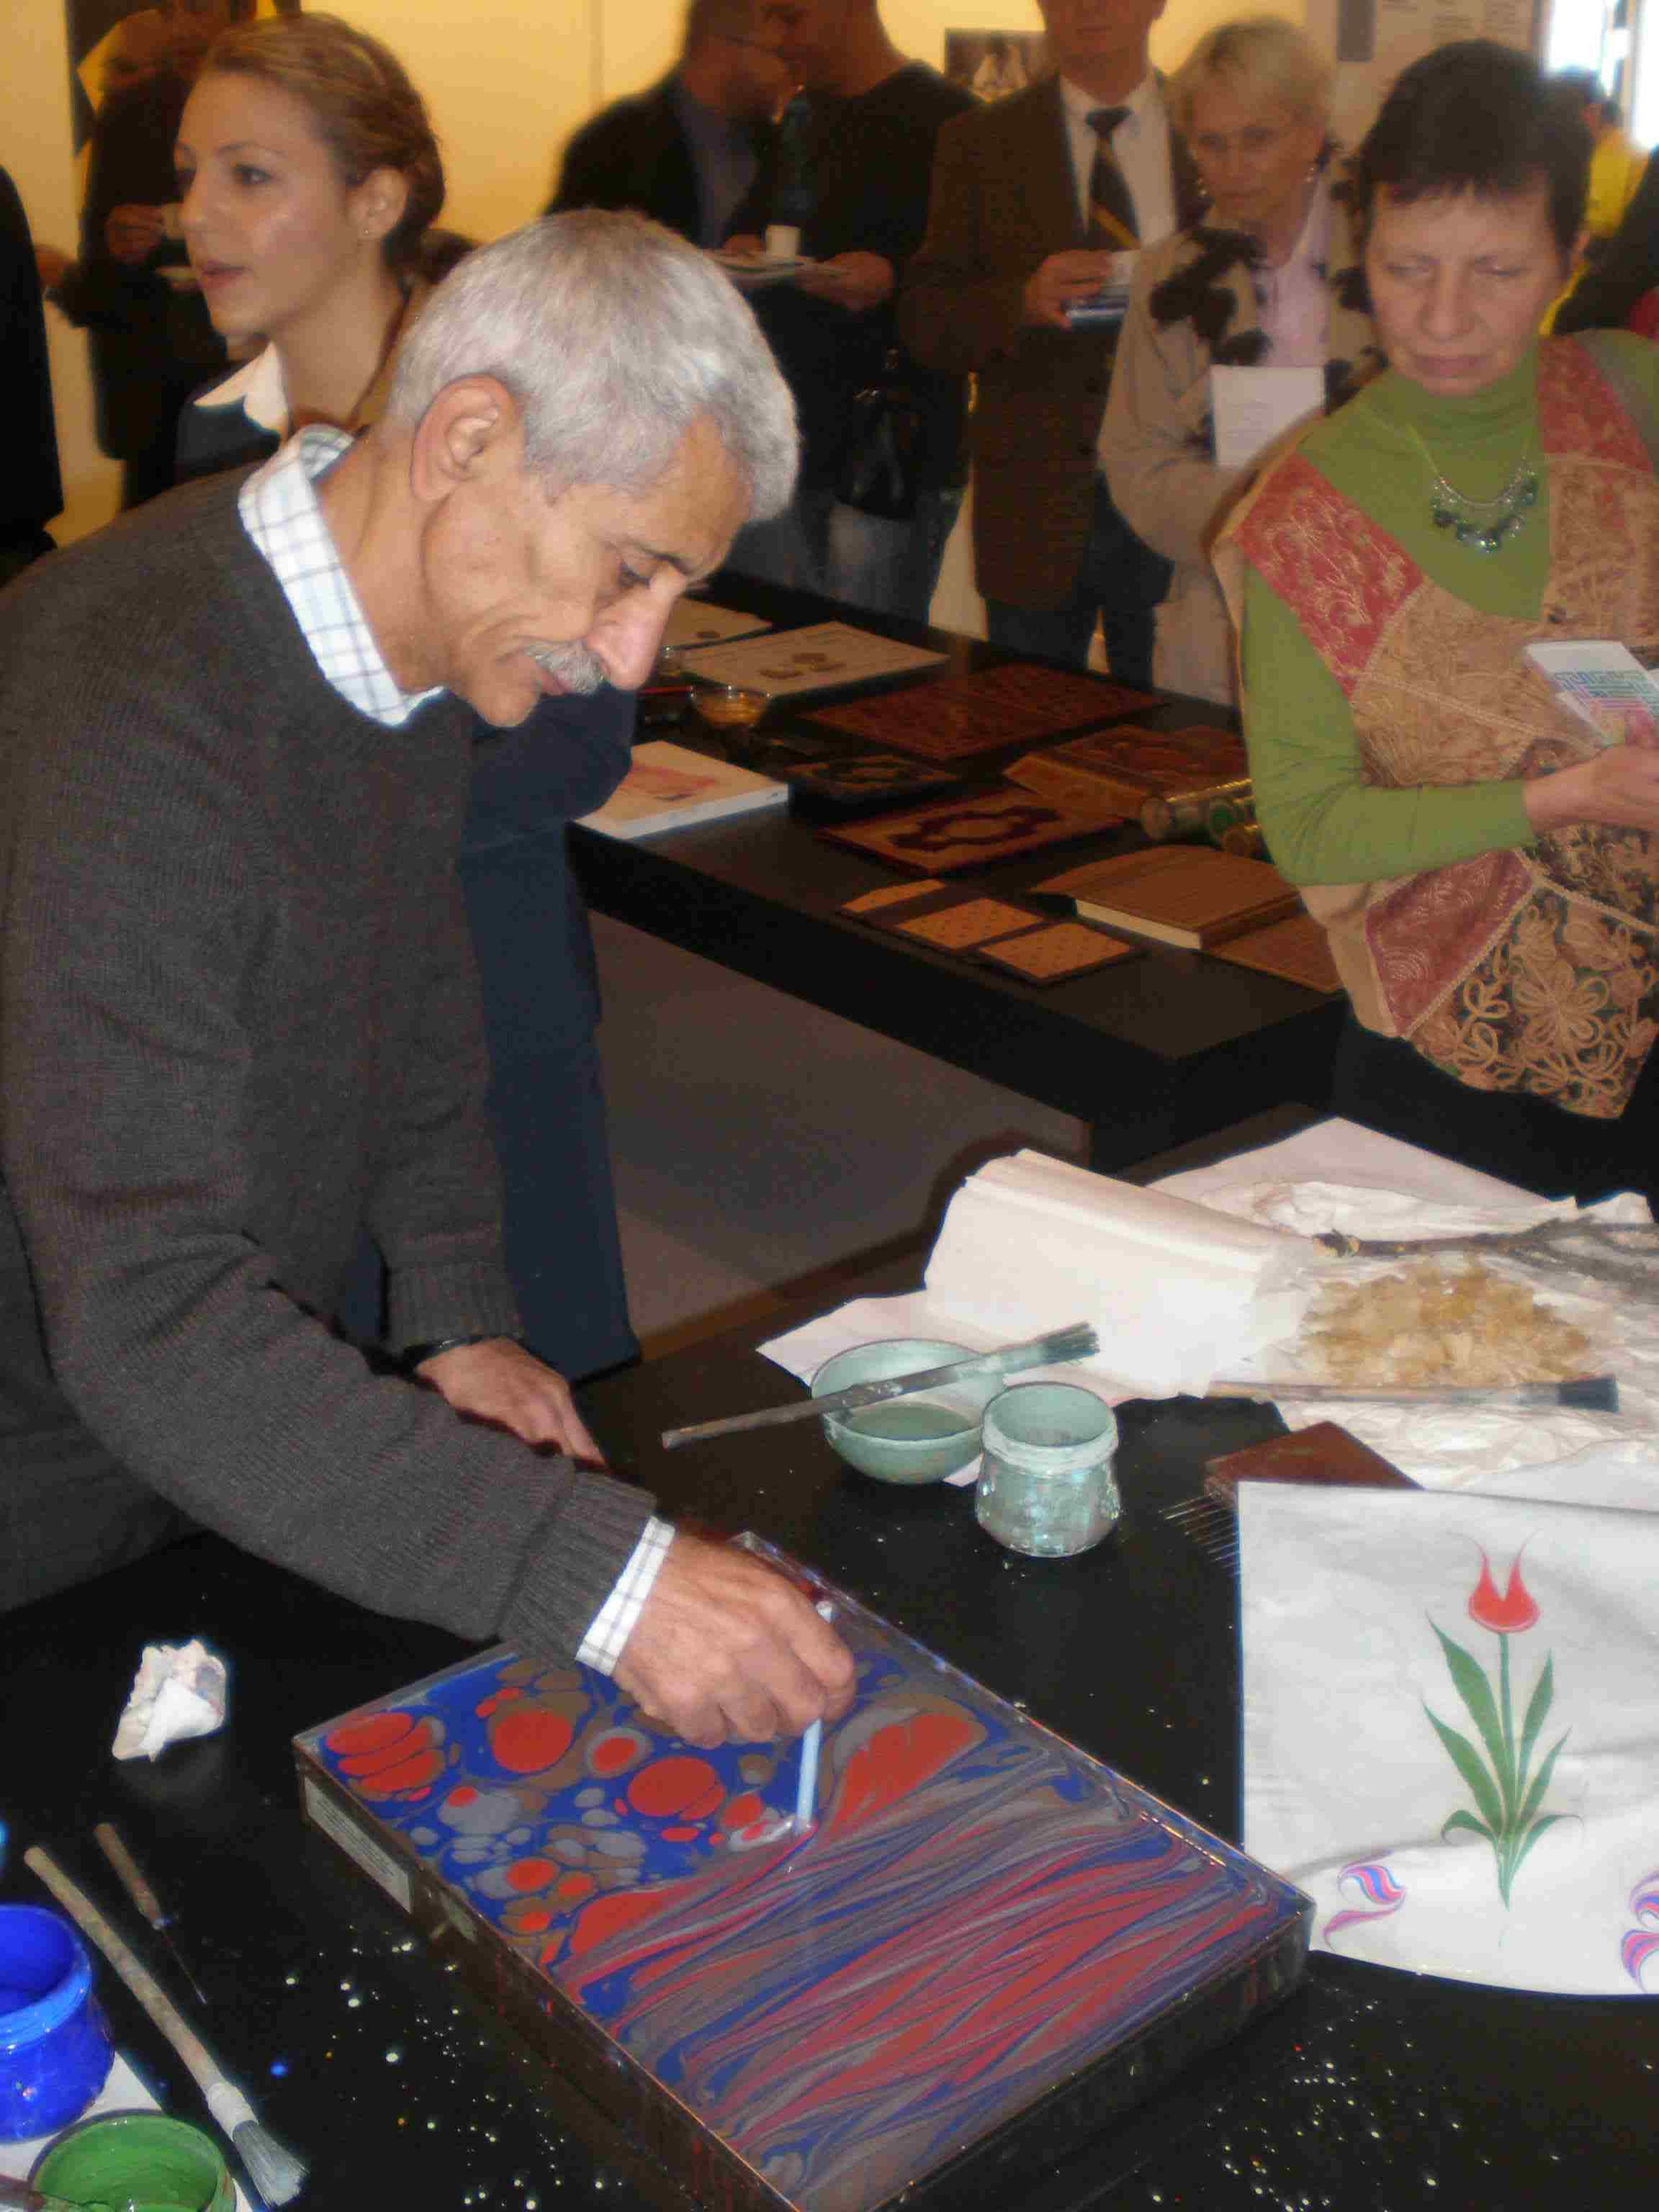 Obr. 10: Zvláště Turecko předvádělo ukázky výroby knižních obálek, kaligrafii, a dokonce bylo možné ochutnat typického turka